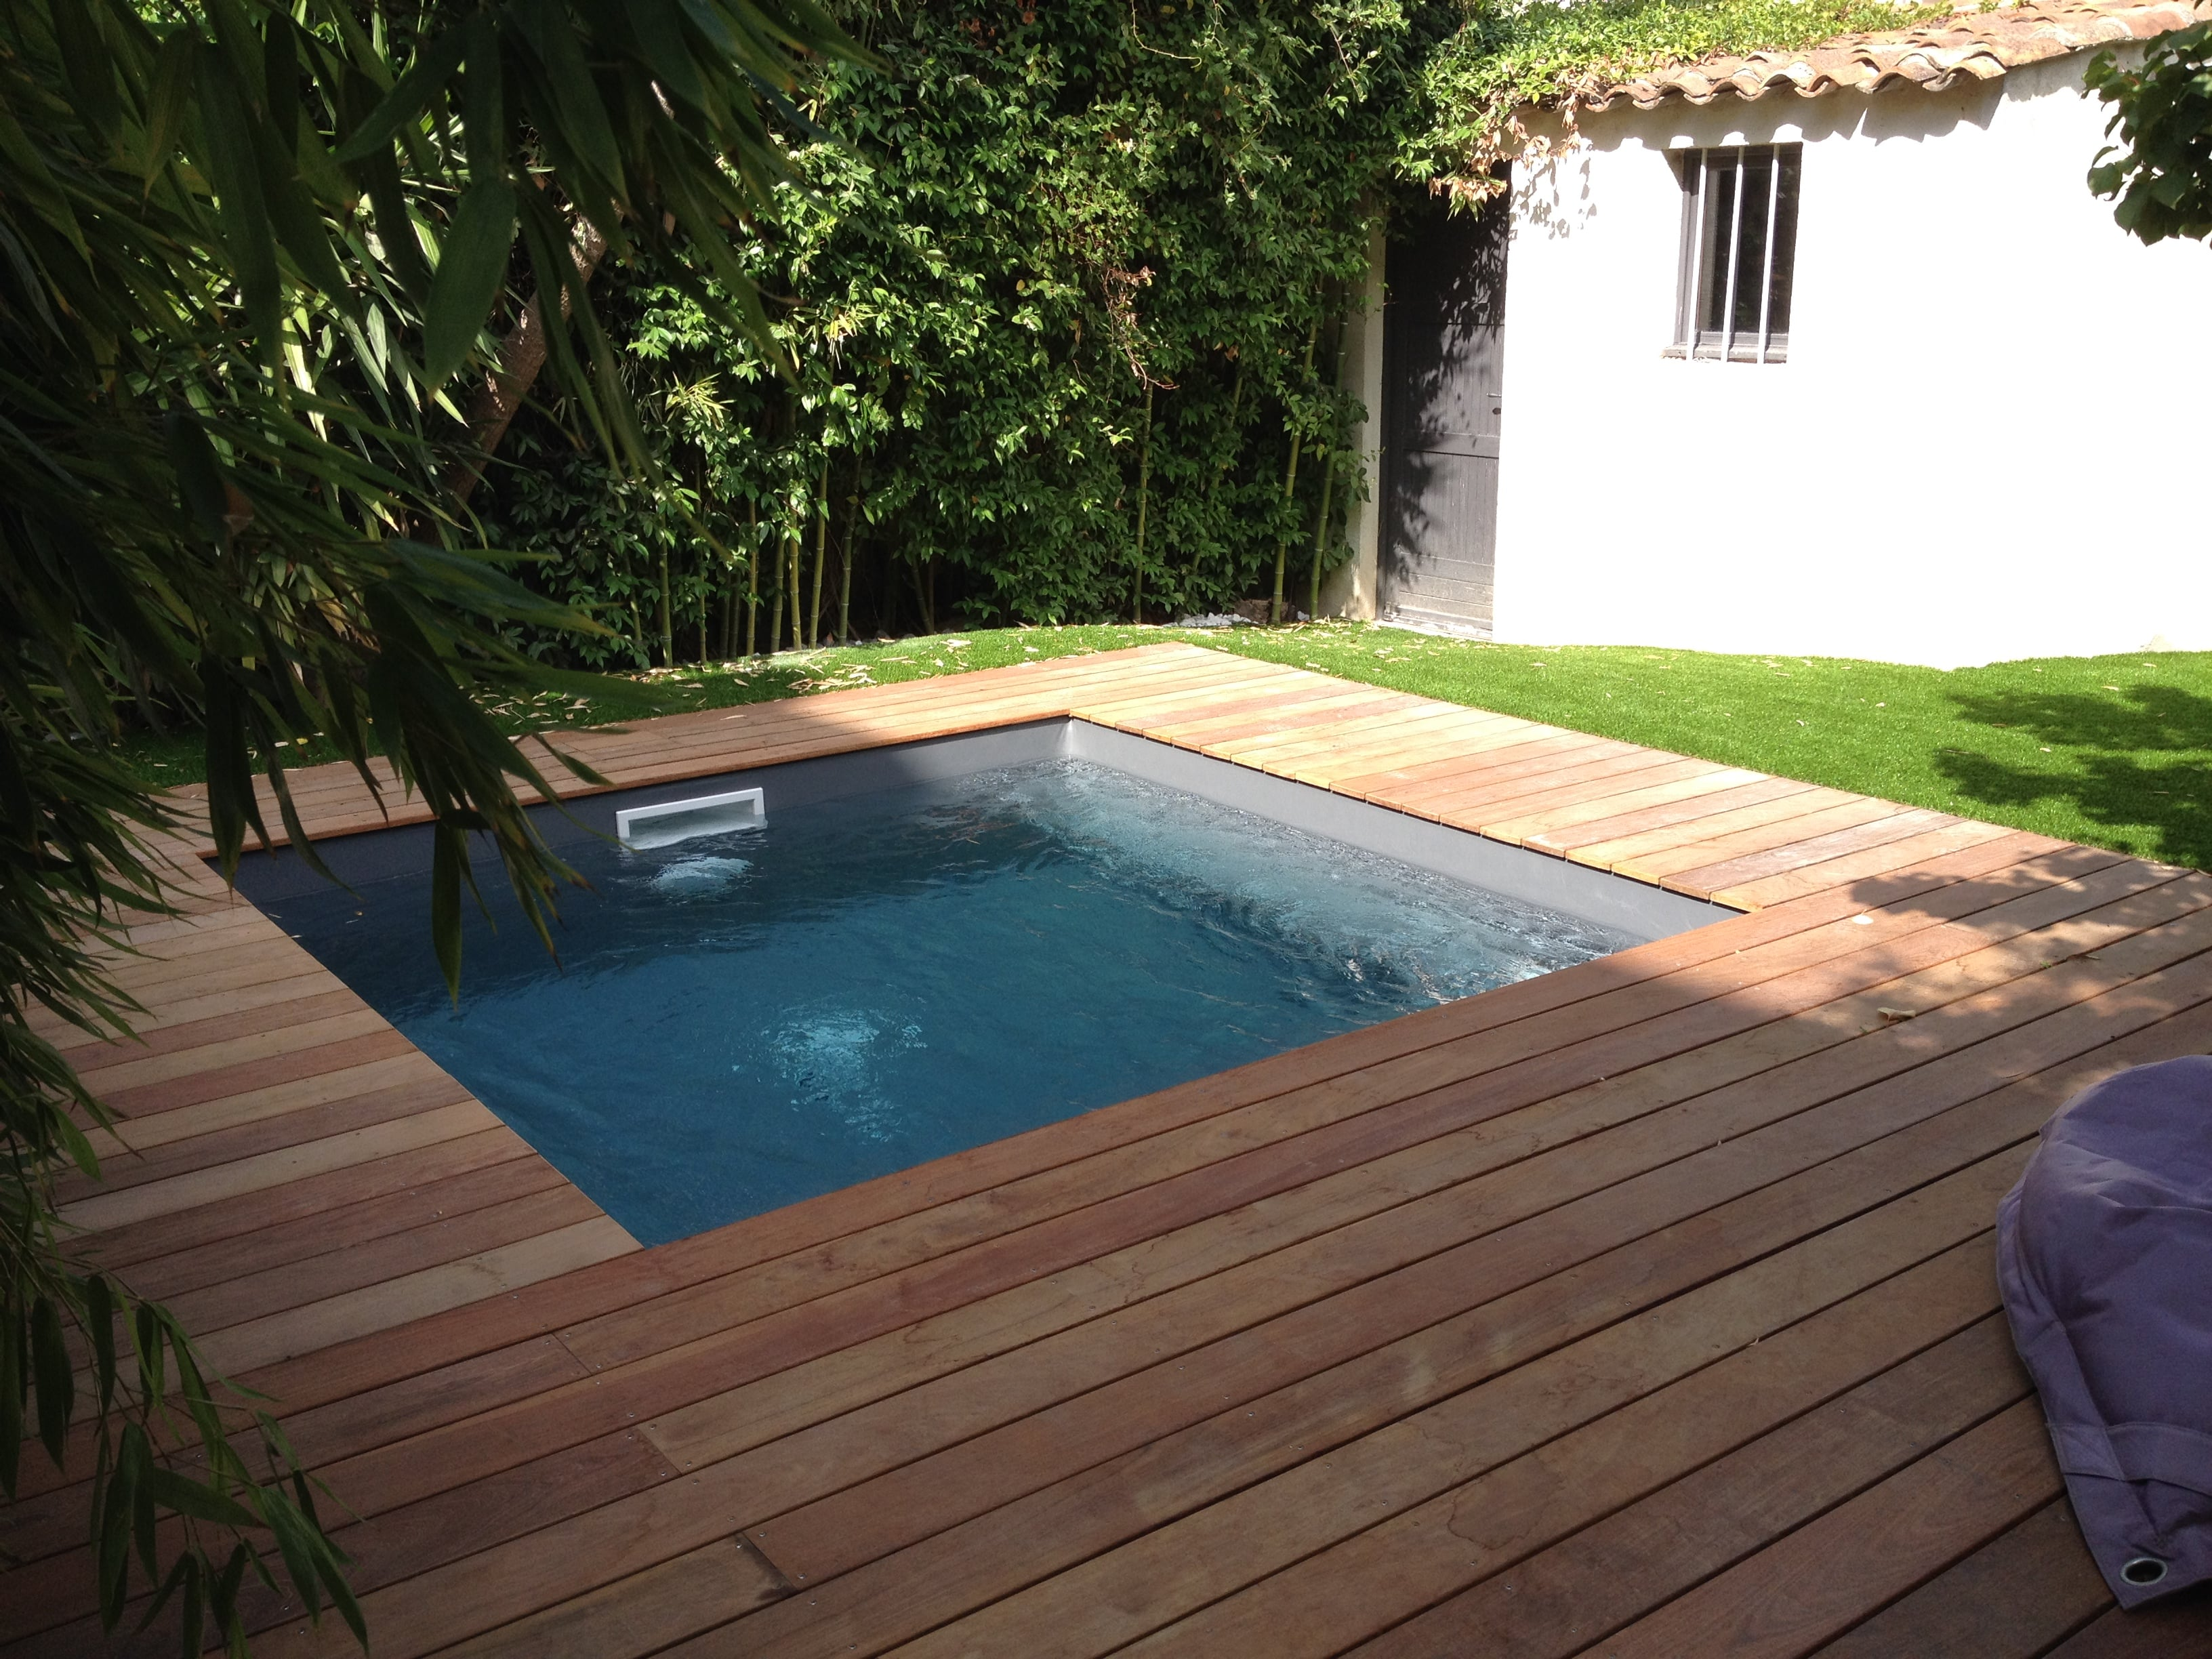 Piscines concept piscines abris - Pergola piscine ...